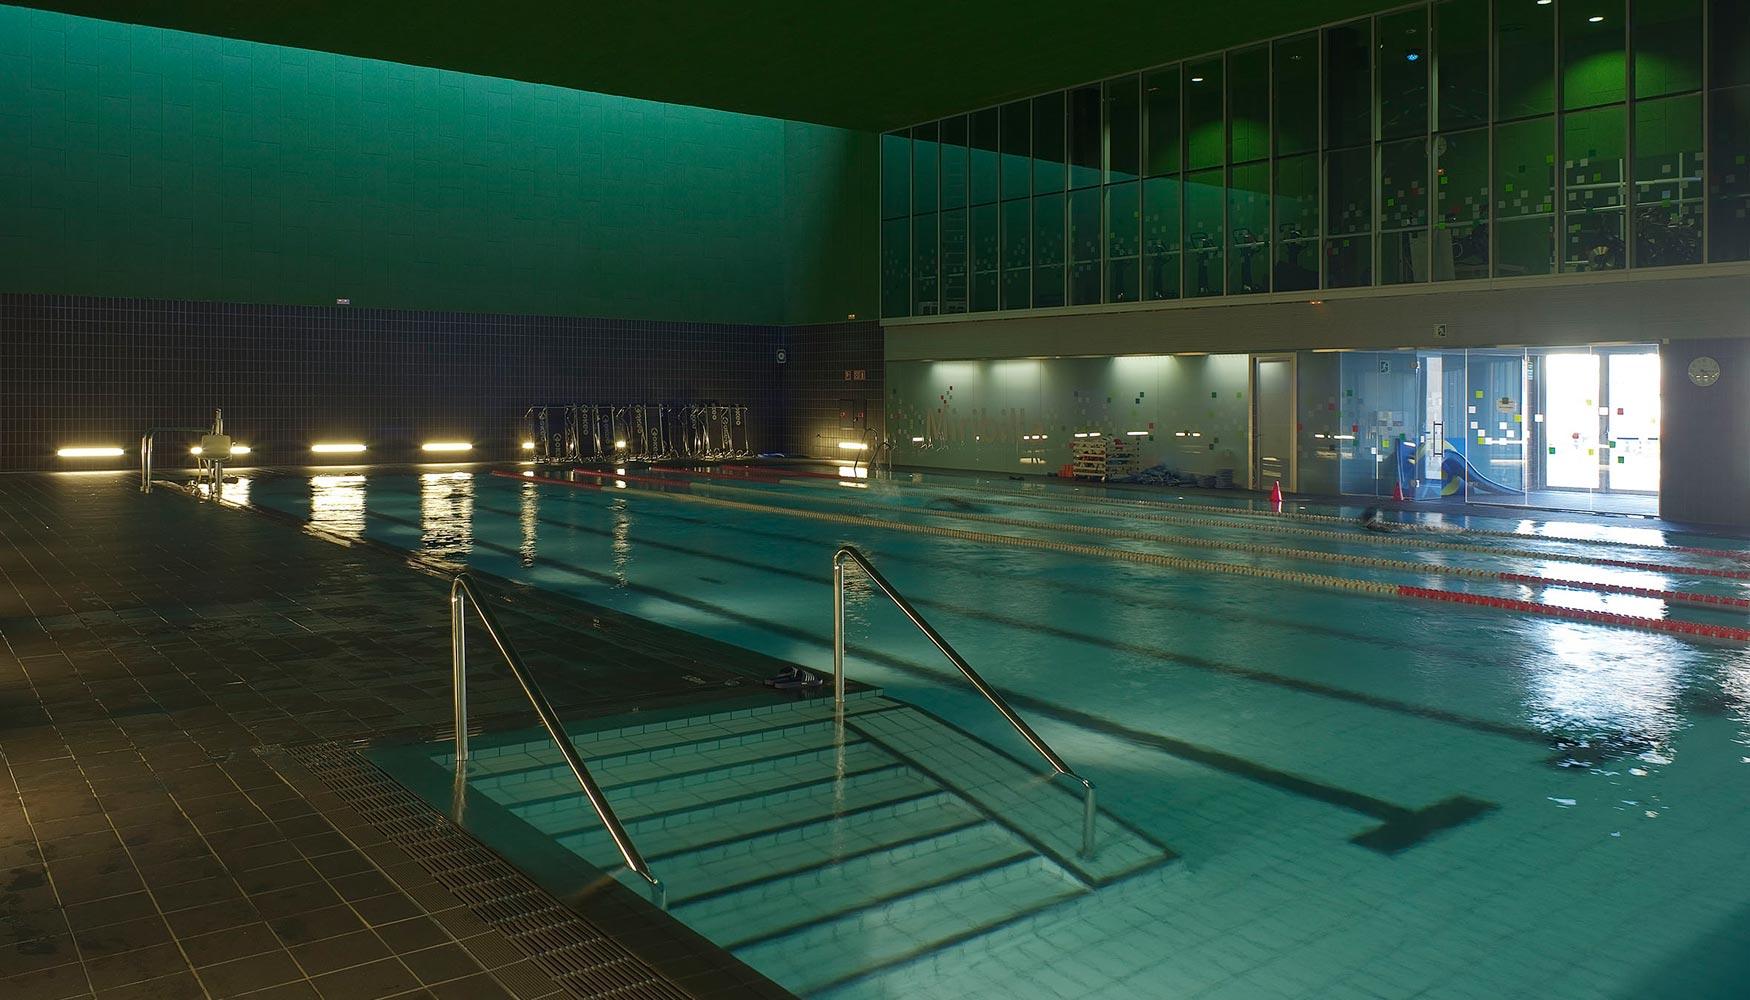 Bilbao arena un complejo de bajo consumo energ tico con for Pqs piscinas y consumo